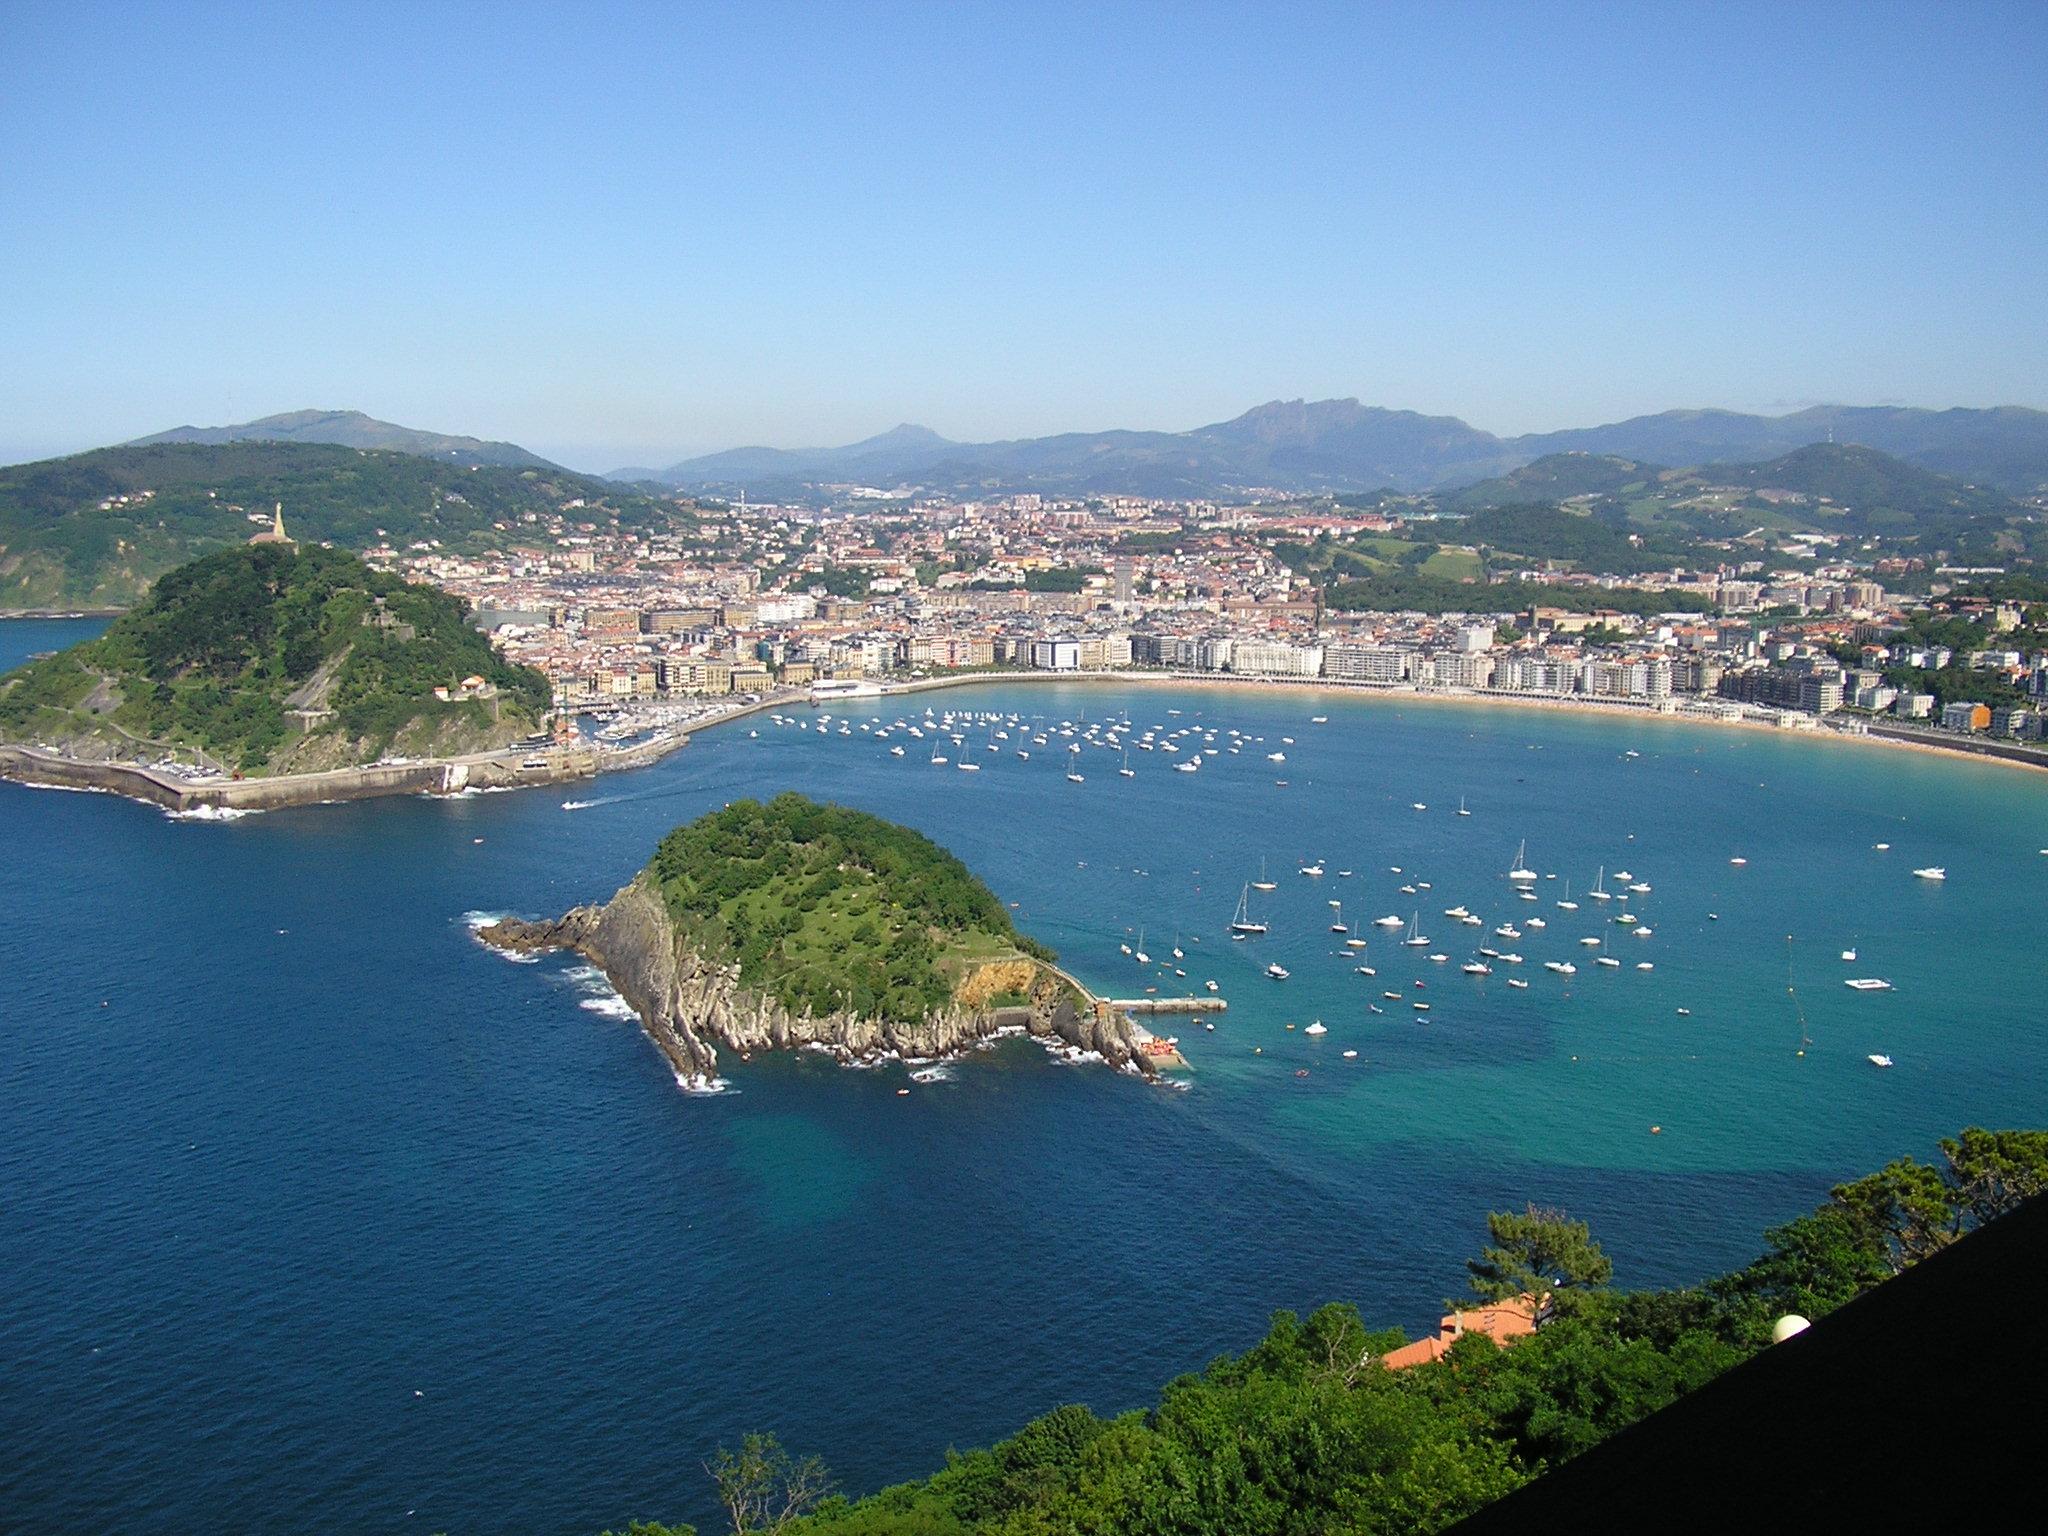 4. San Sebastián